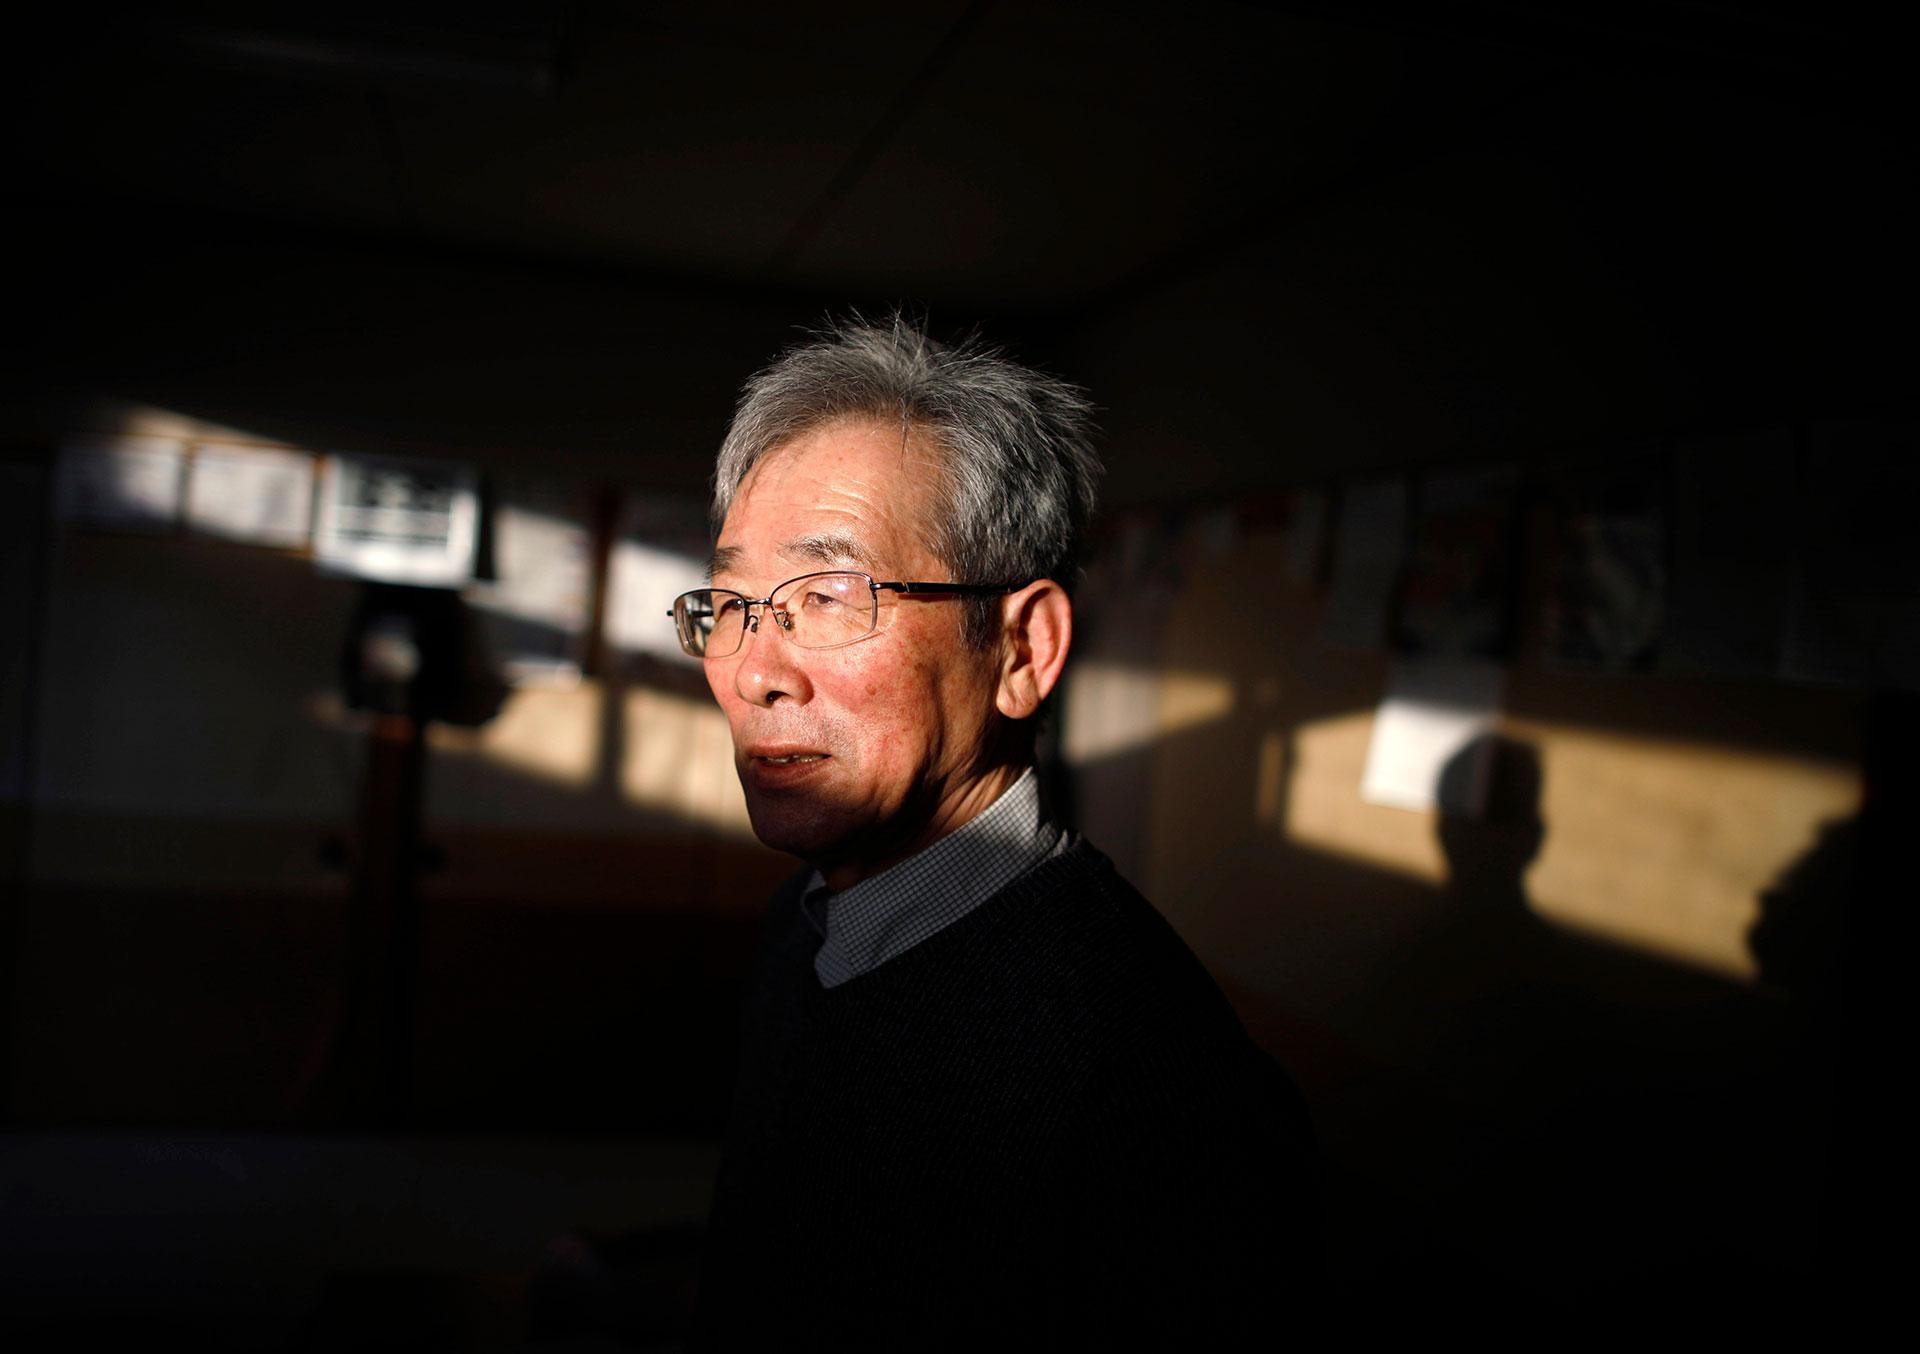 Nỗi buồn khôn nguôi của người sống sót sau thảm họa sóng thần ở Nhật Bản ảnh 2